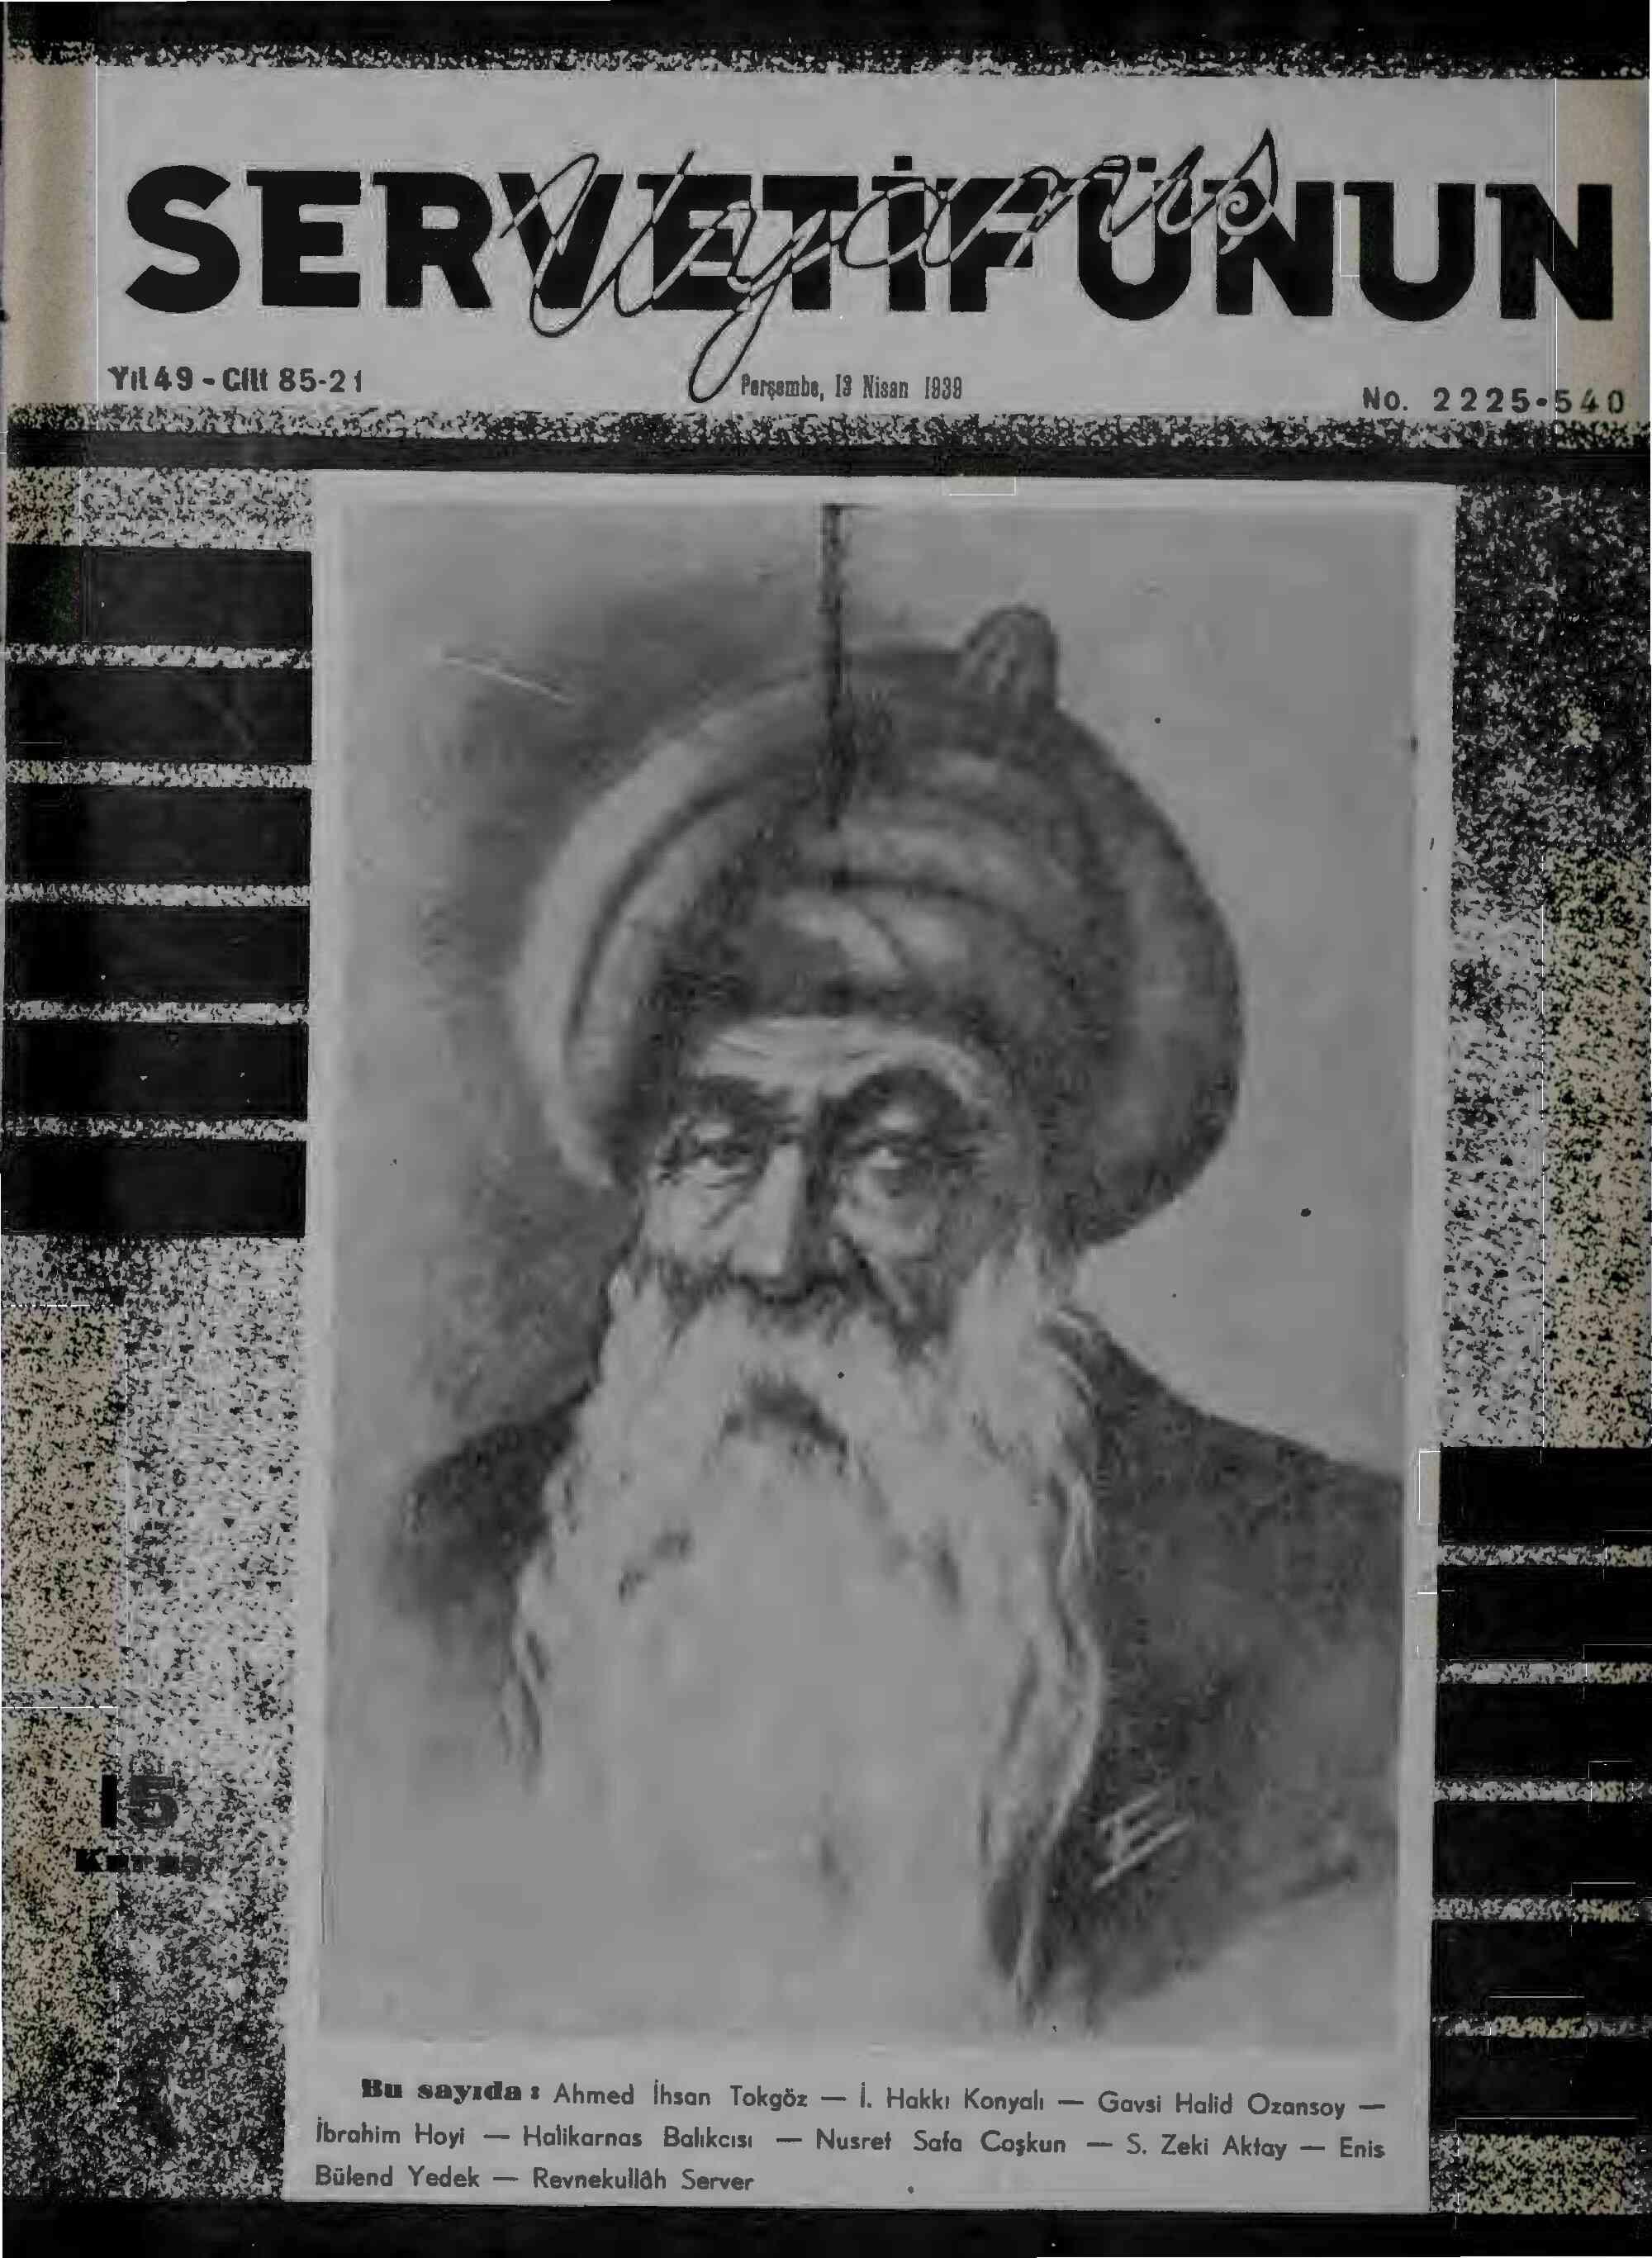 13 Nisan 1939 Tarihli Servetifunun (Uyanış) Dergisi Sayfa 1